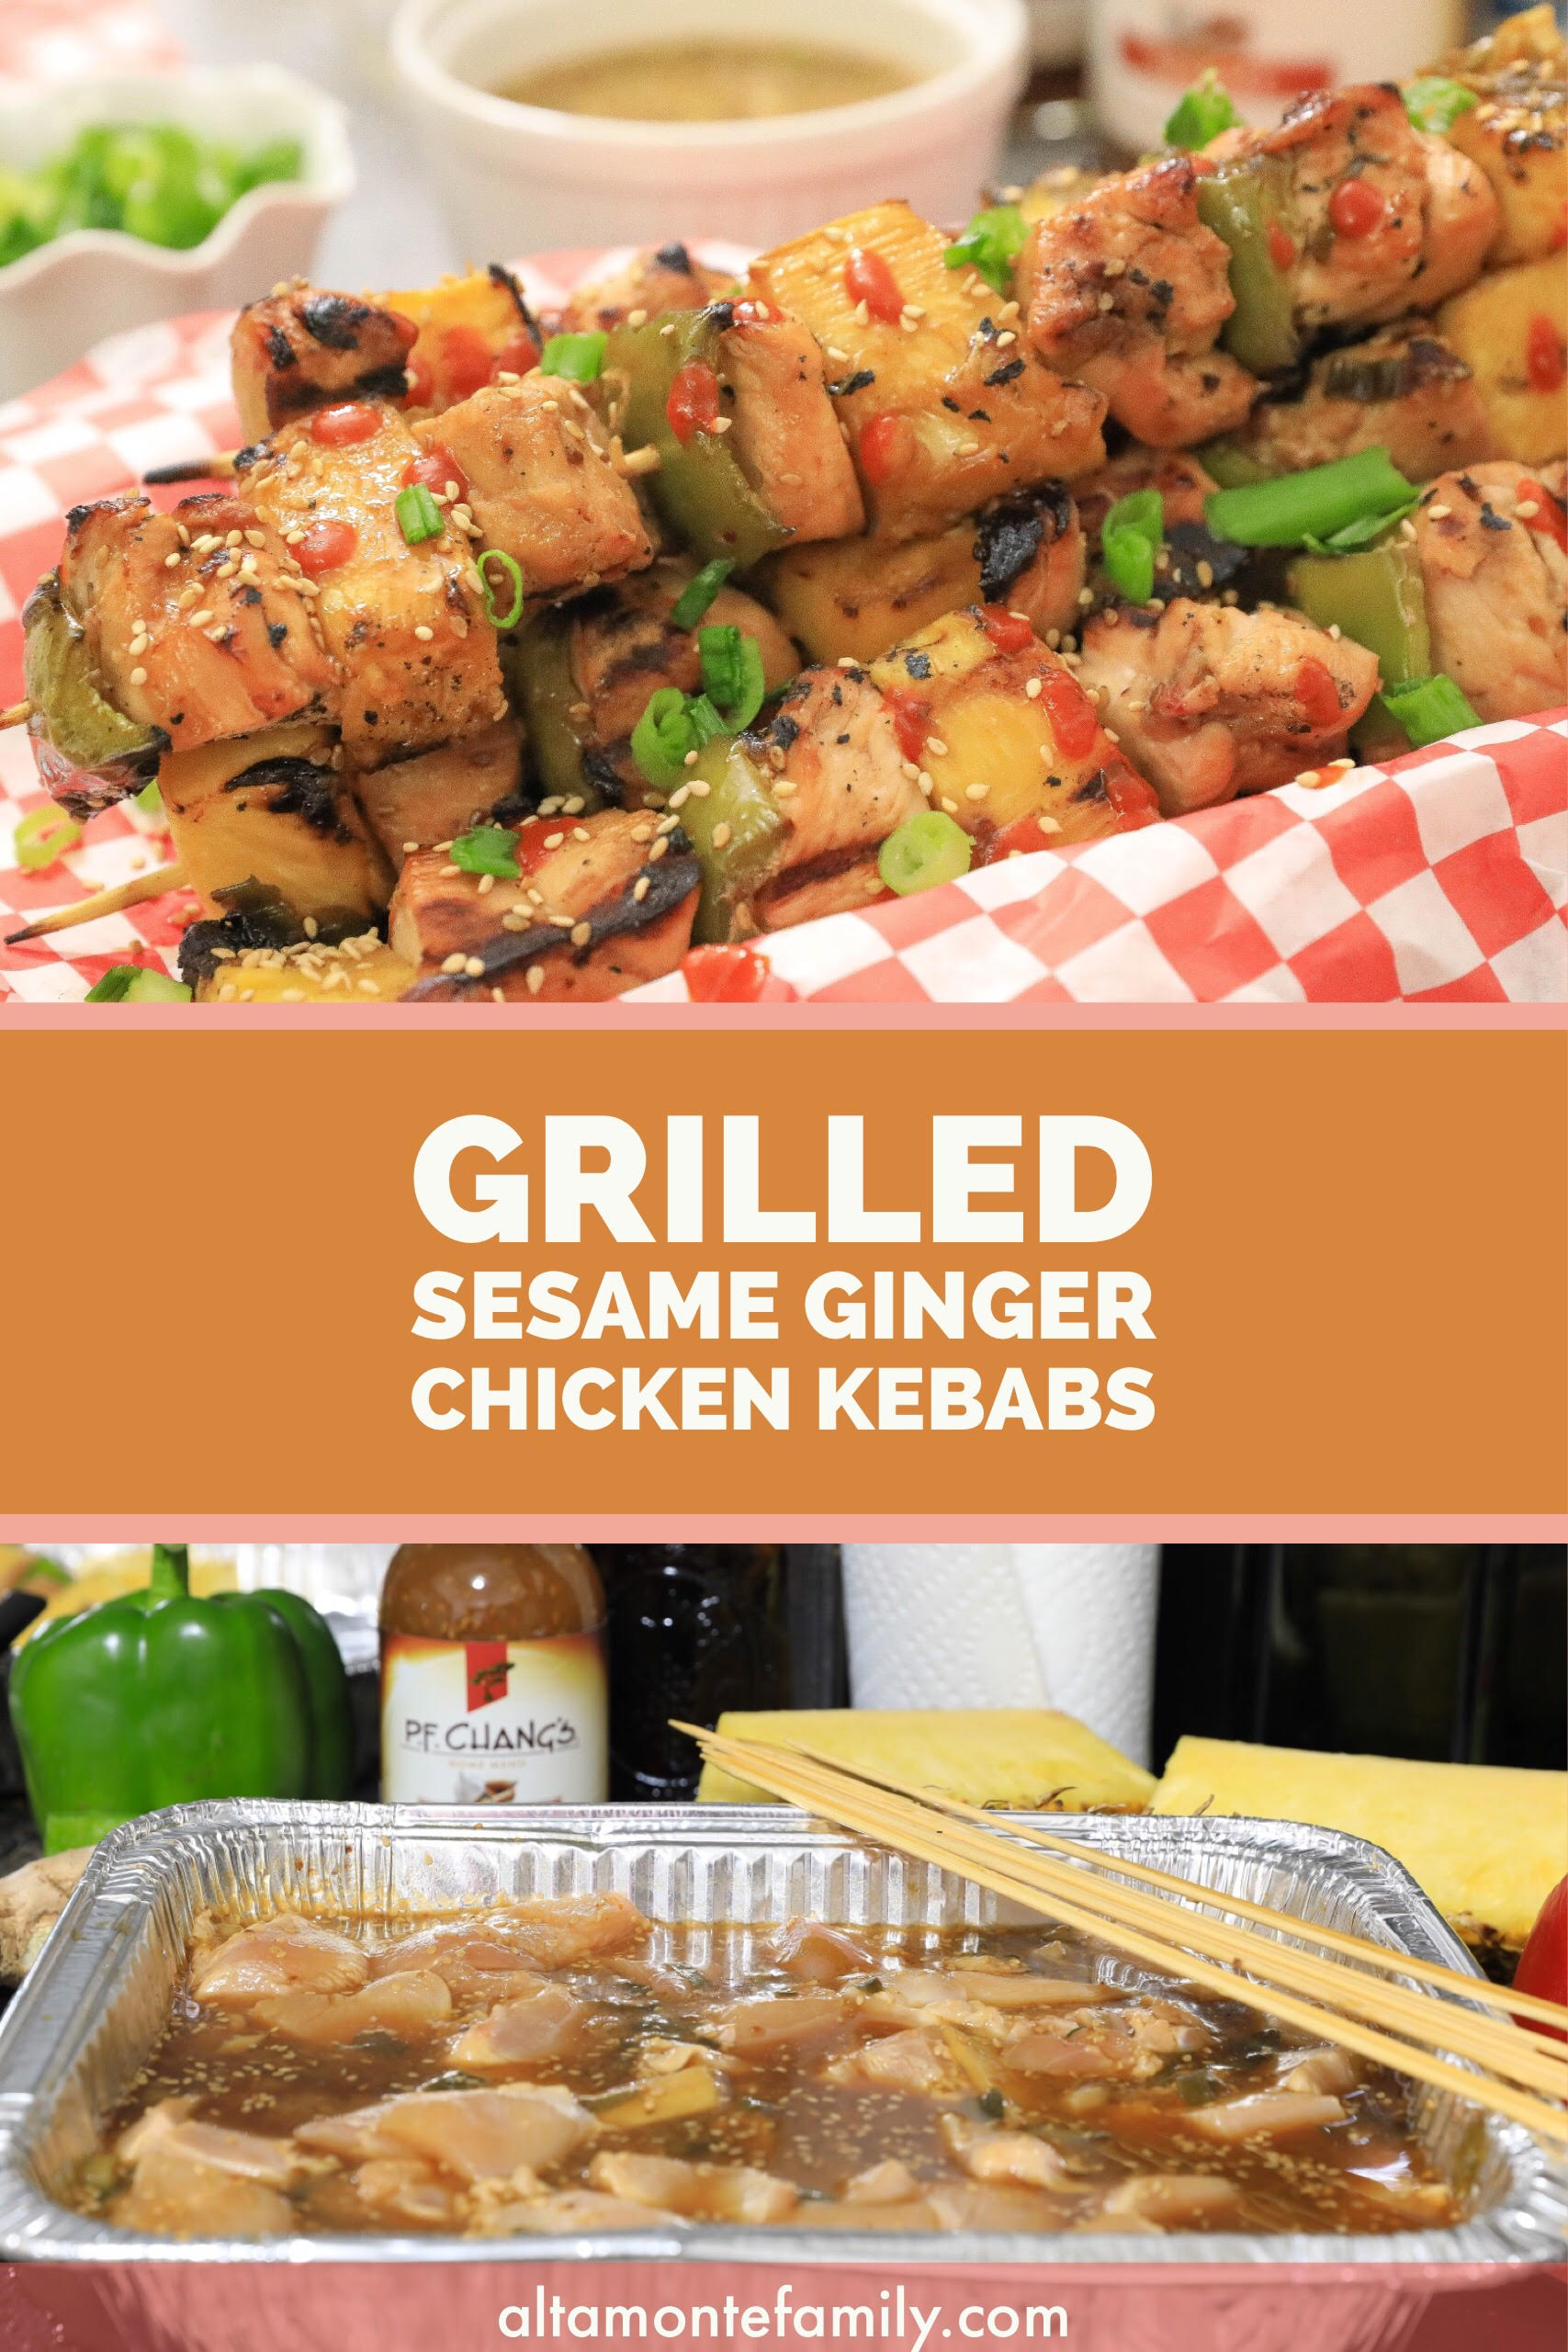 Grilled Sesame Ginger Chicken Kebabs